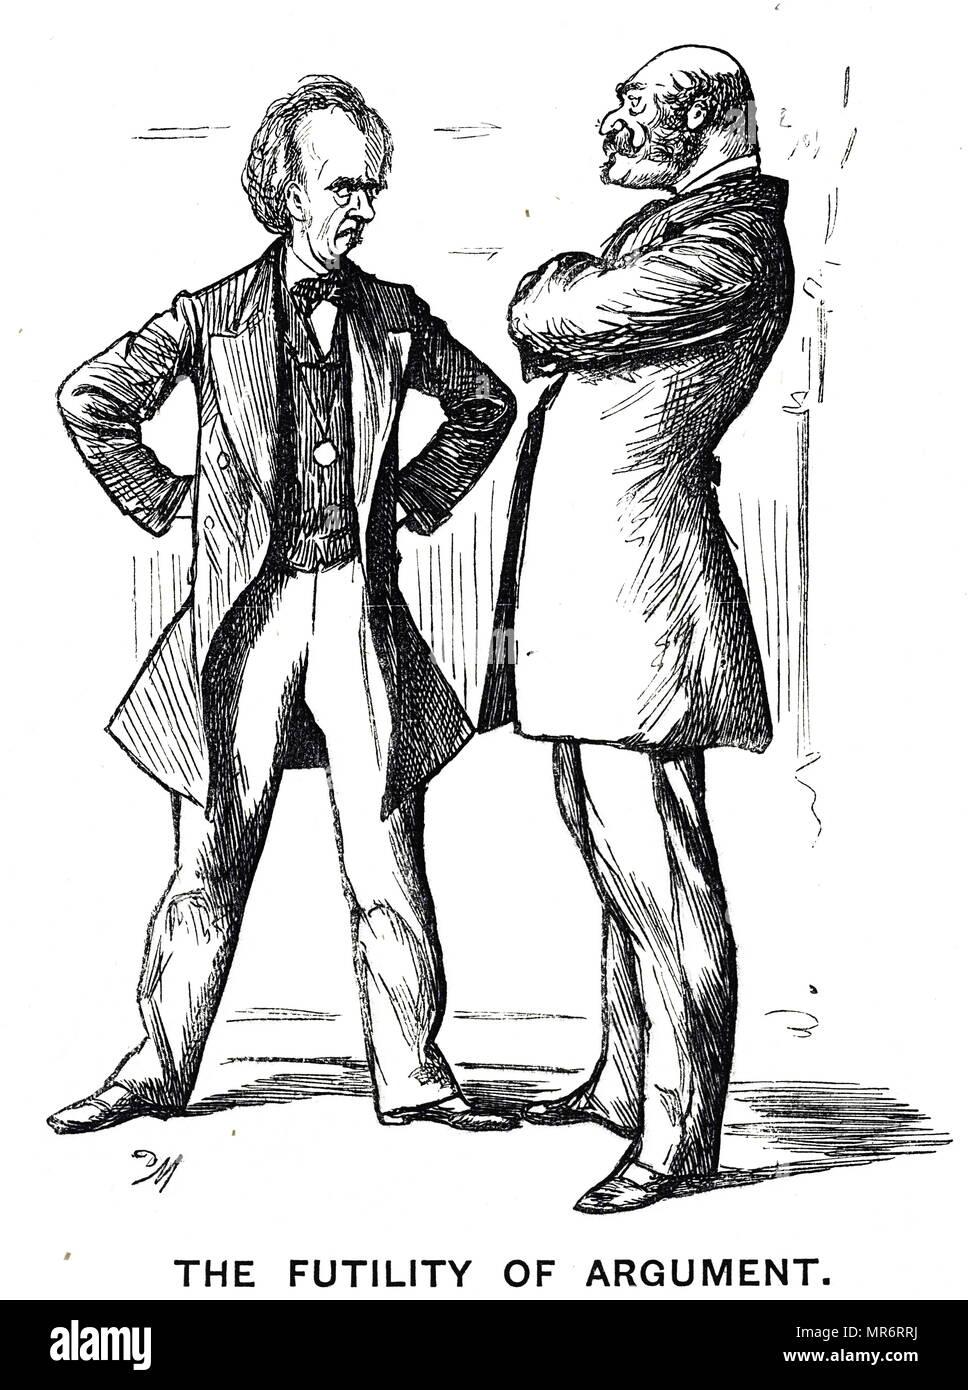 """Caricature intitulée 'L'argument de la phrénologie - again' avec la légende """"l'inanité de l'argumentation"""". Illustré par George du Maurier (1834-1896), un caricaturiste franco-britannique et l'auteur. En date du 19e siècle Photo Stock"""